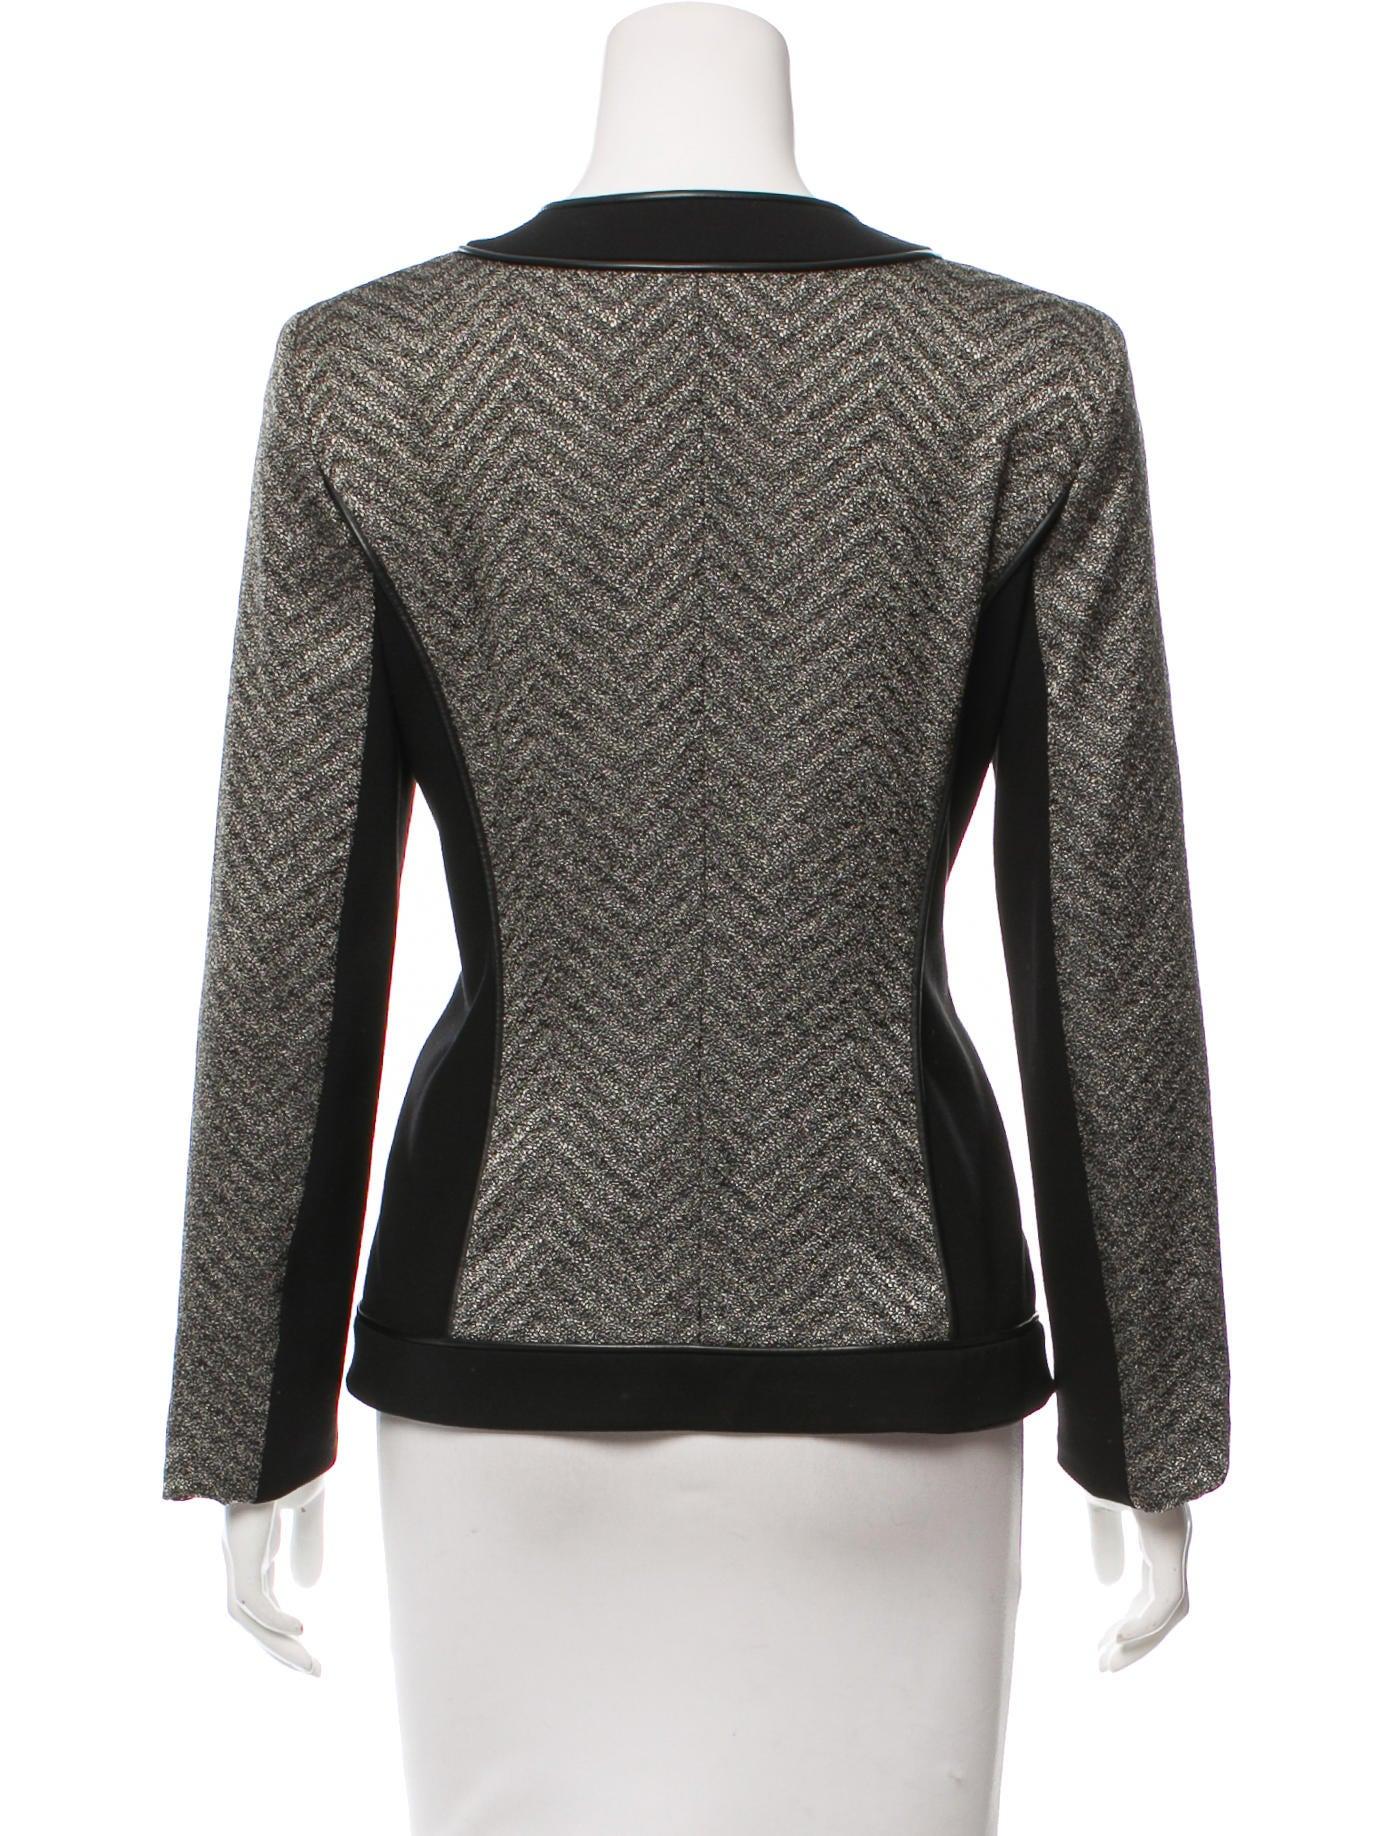 Lafayette 148 Knit Long Sleeve Jacket Clothing